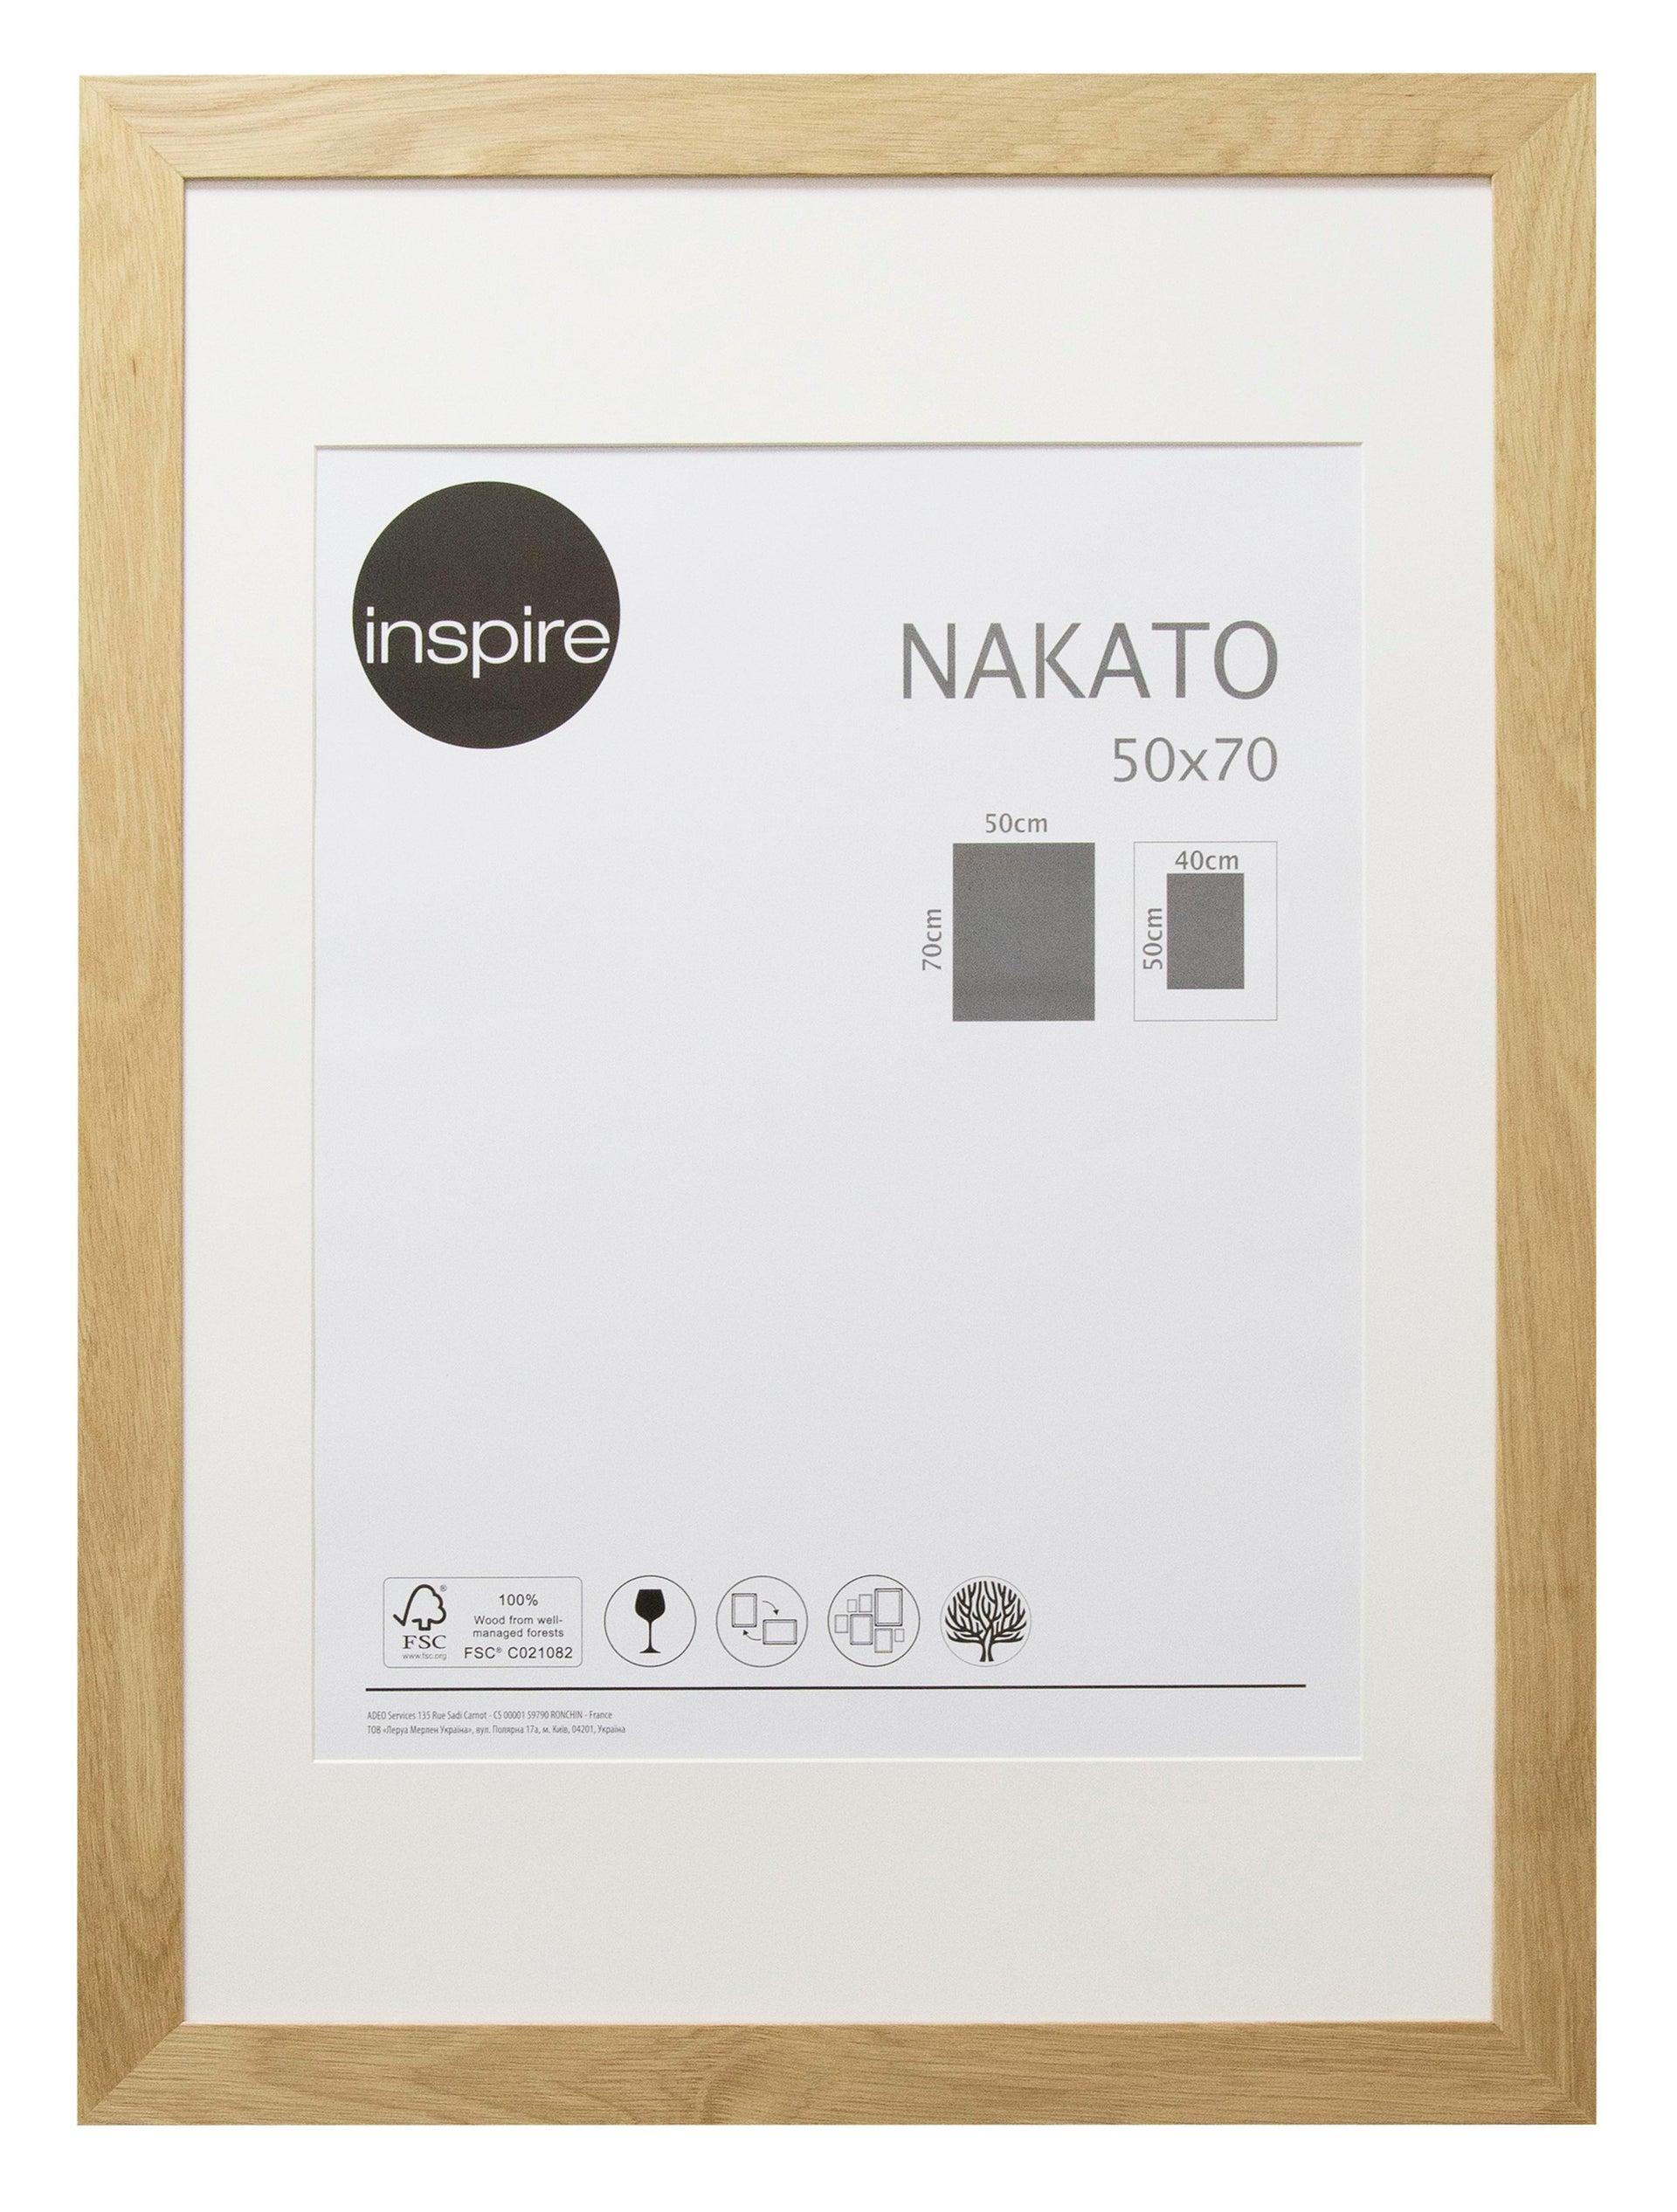 Cornice con passe-partout Inspire nakato rovere 50x70 cm - 1